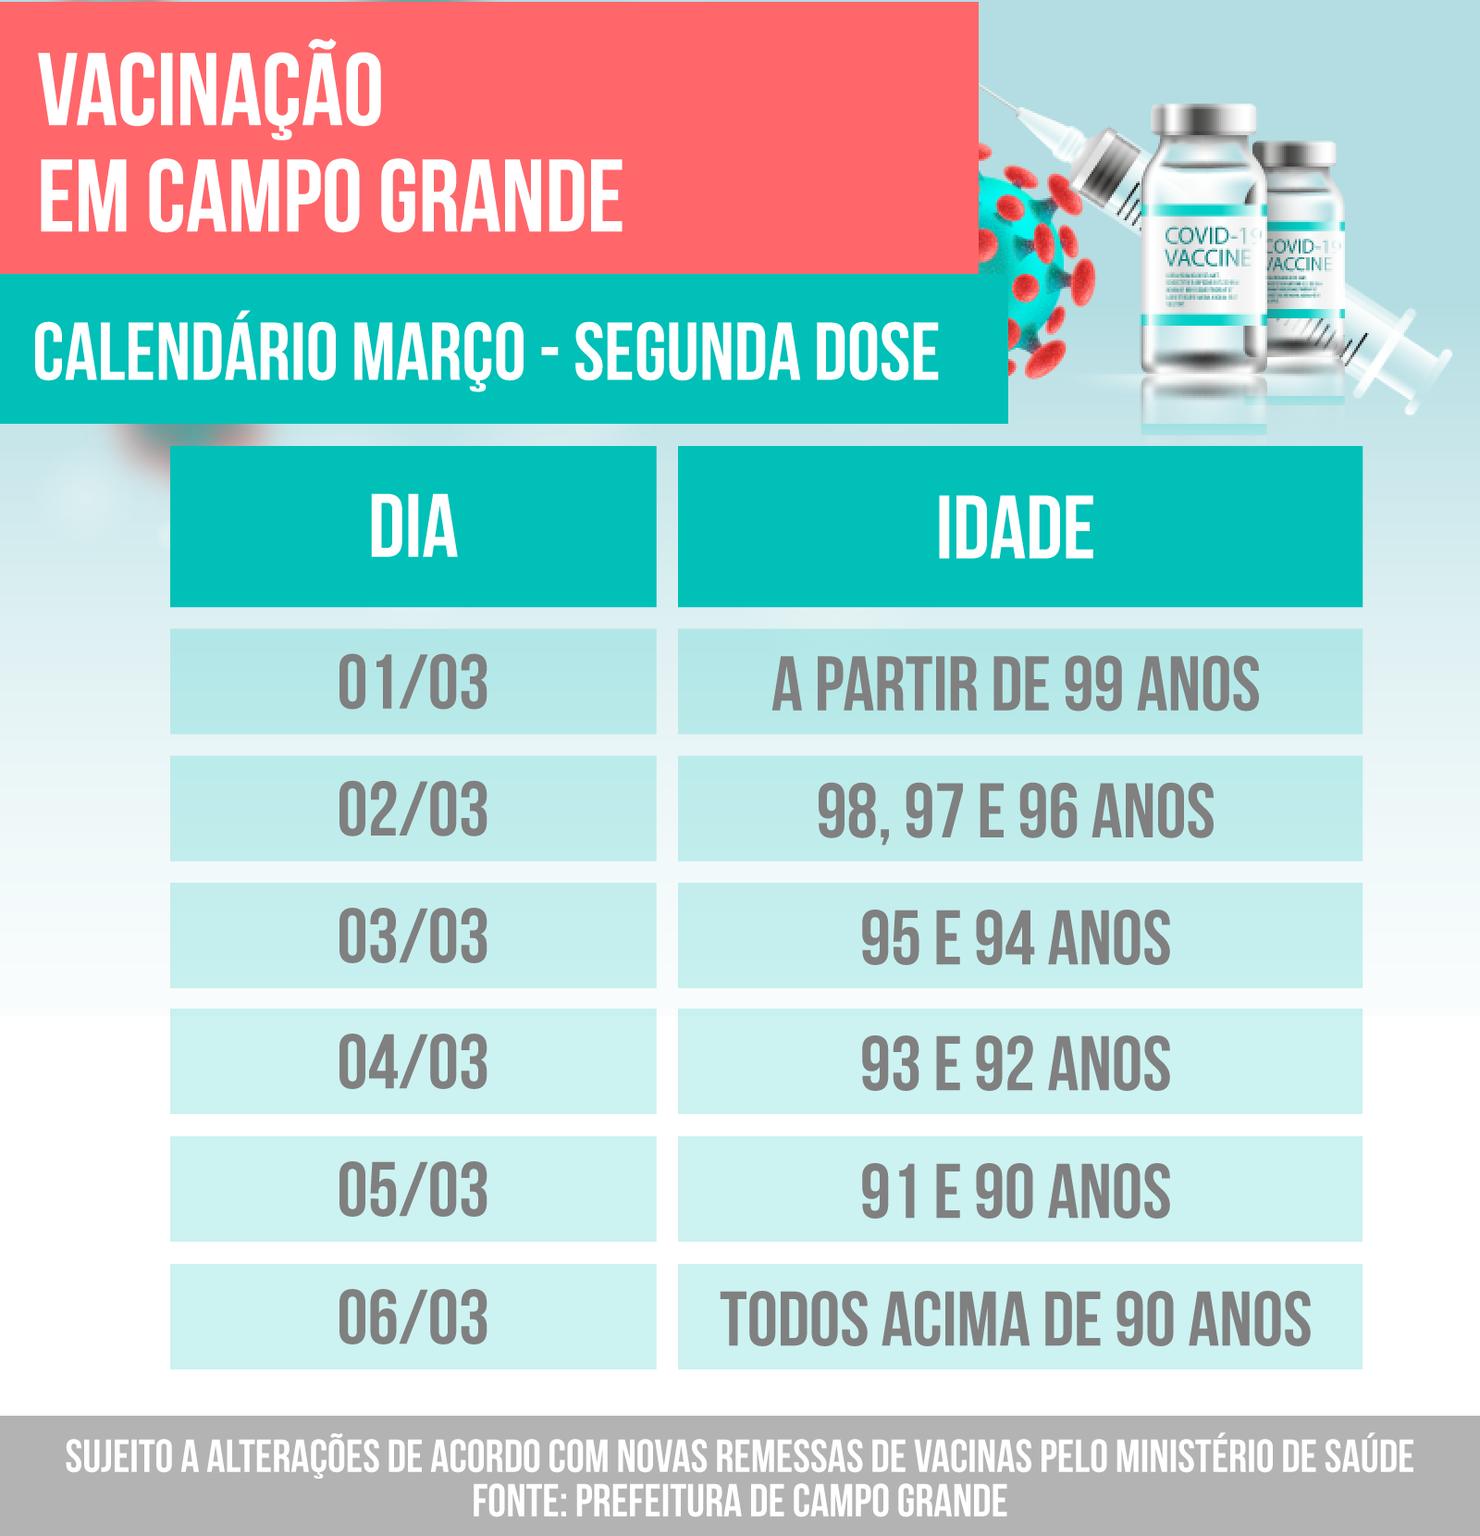 Calendário de vacinação com a idade das pessoas que poderão ser vacinadas nesta semana. (Foto: CGNews)